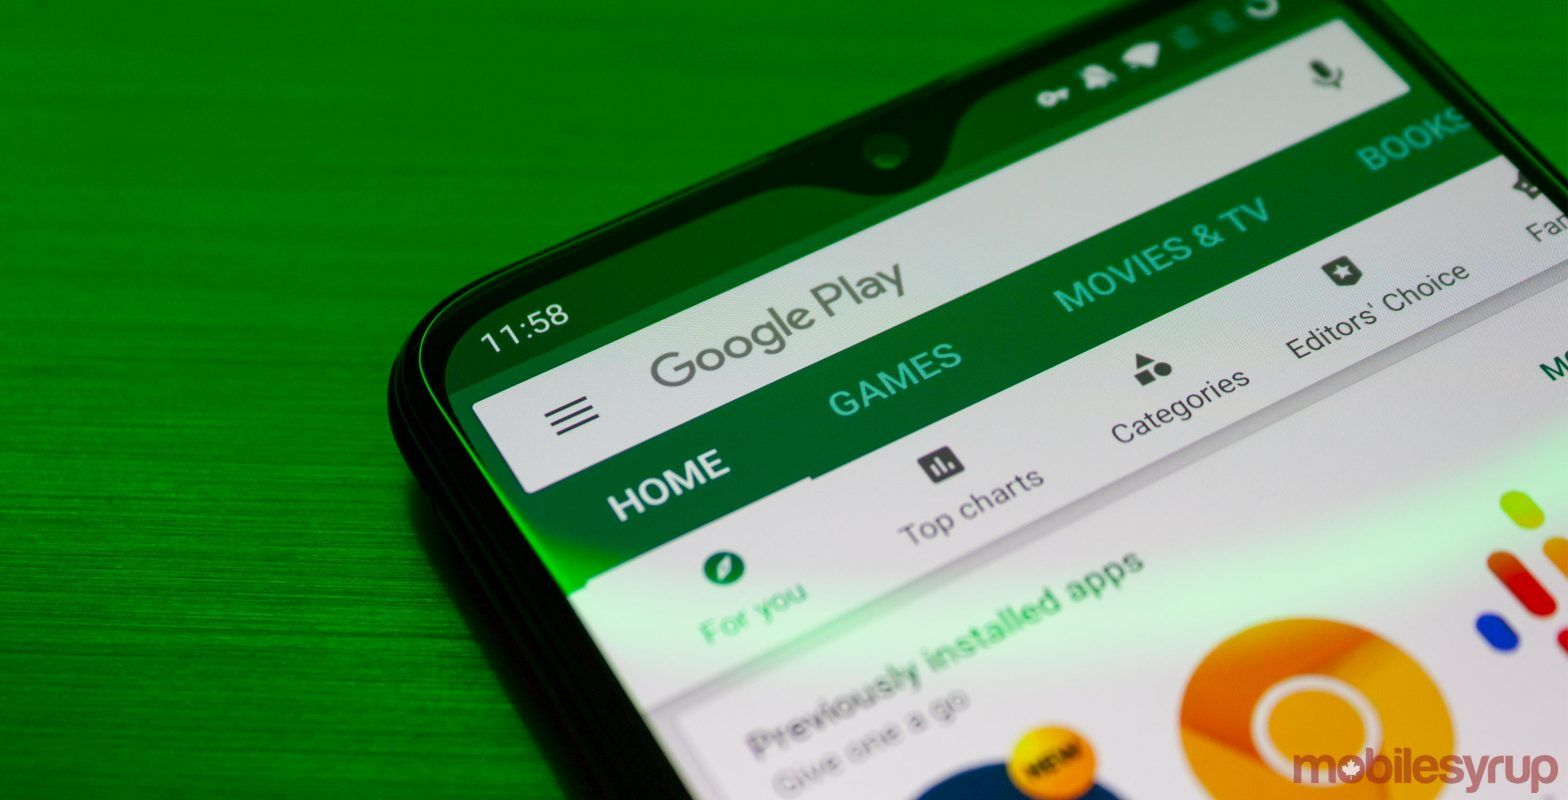 fijar presupuesto en google play